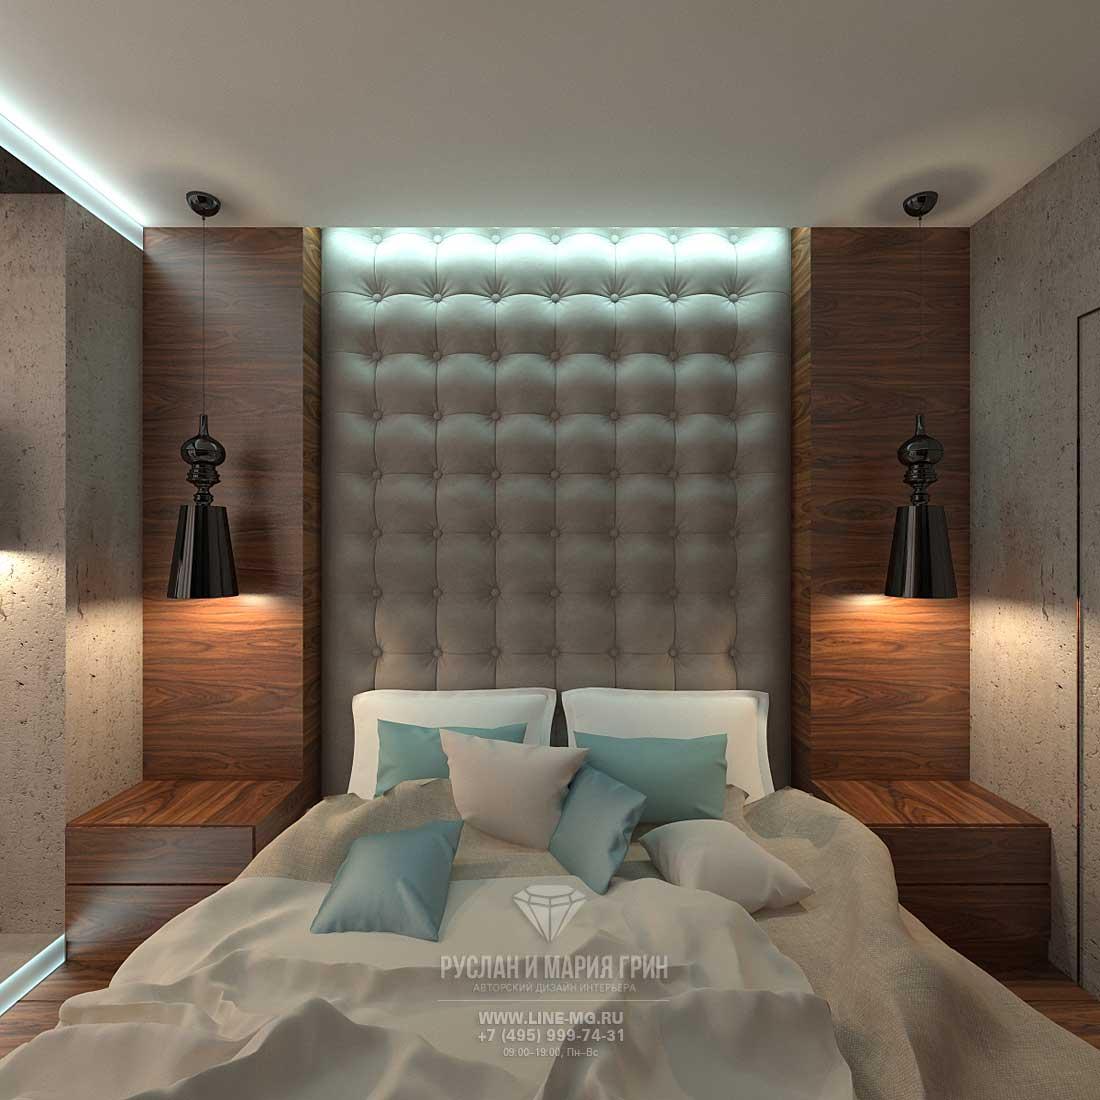 Дизайн современной спальни. Фото 2015